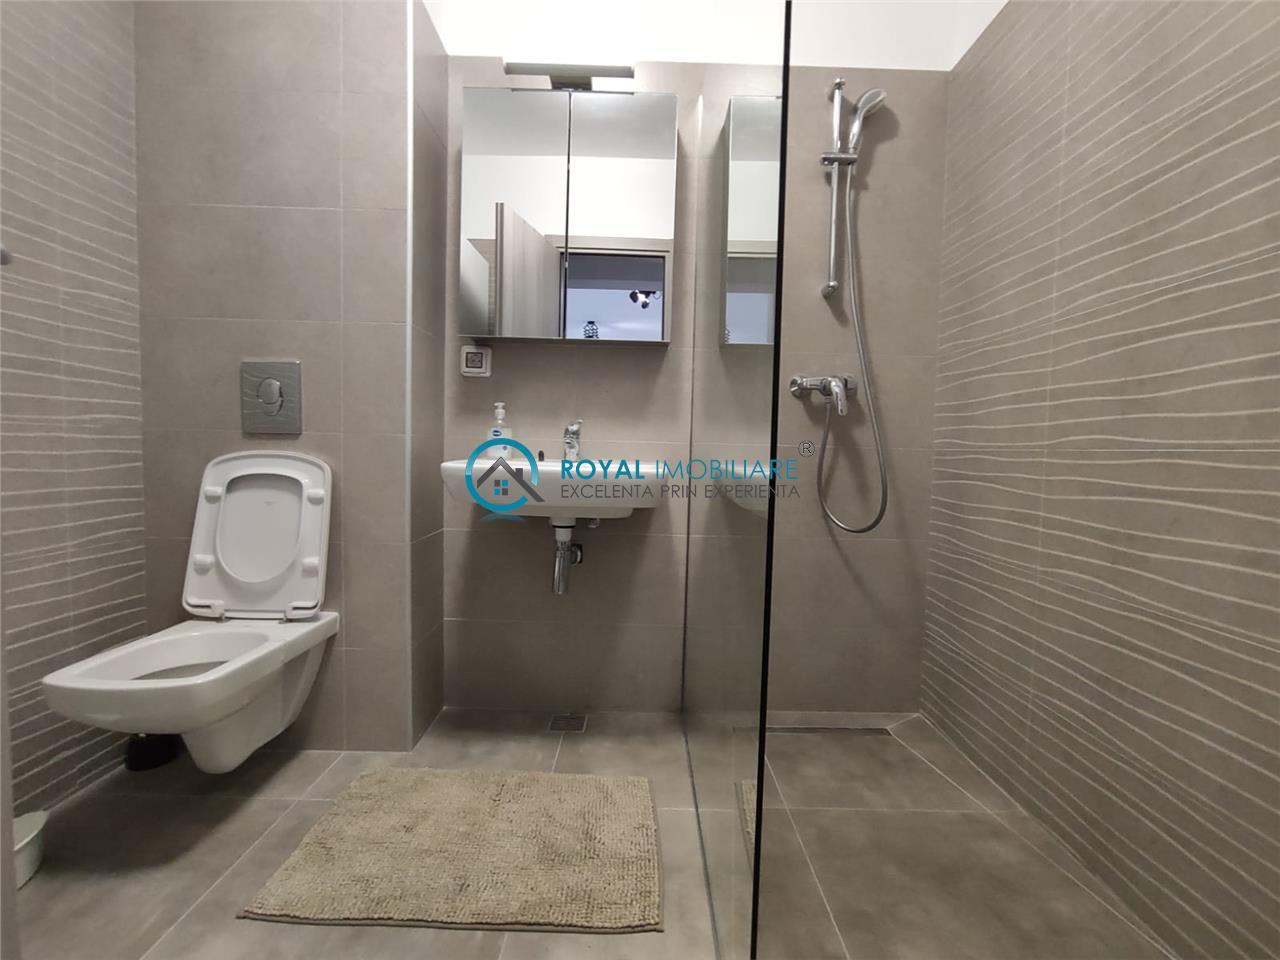 Royal Imobiliare   Inchiriere Apartament de lux zona Albert